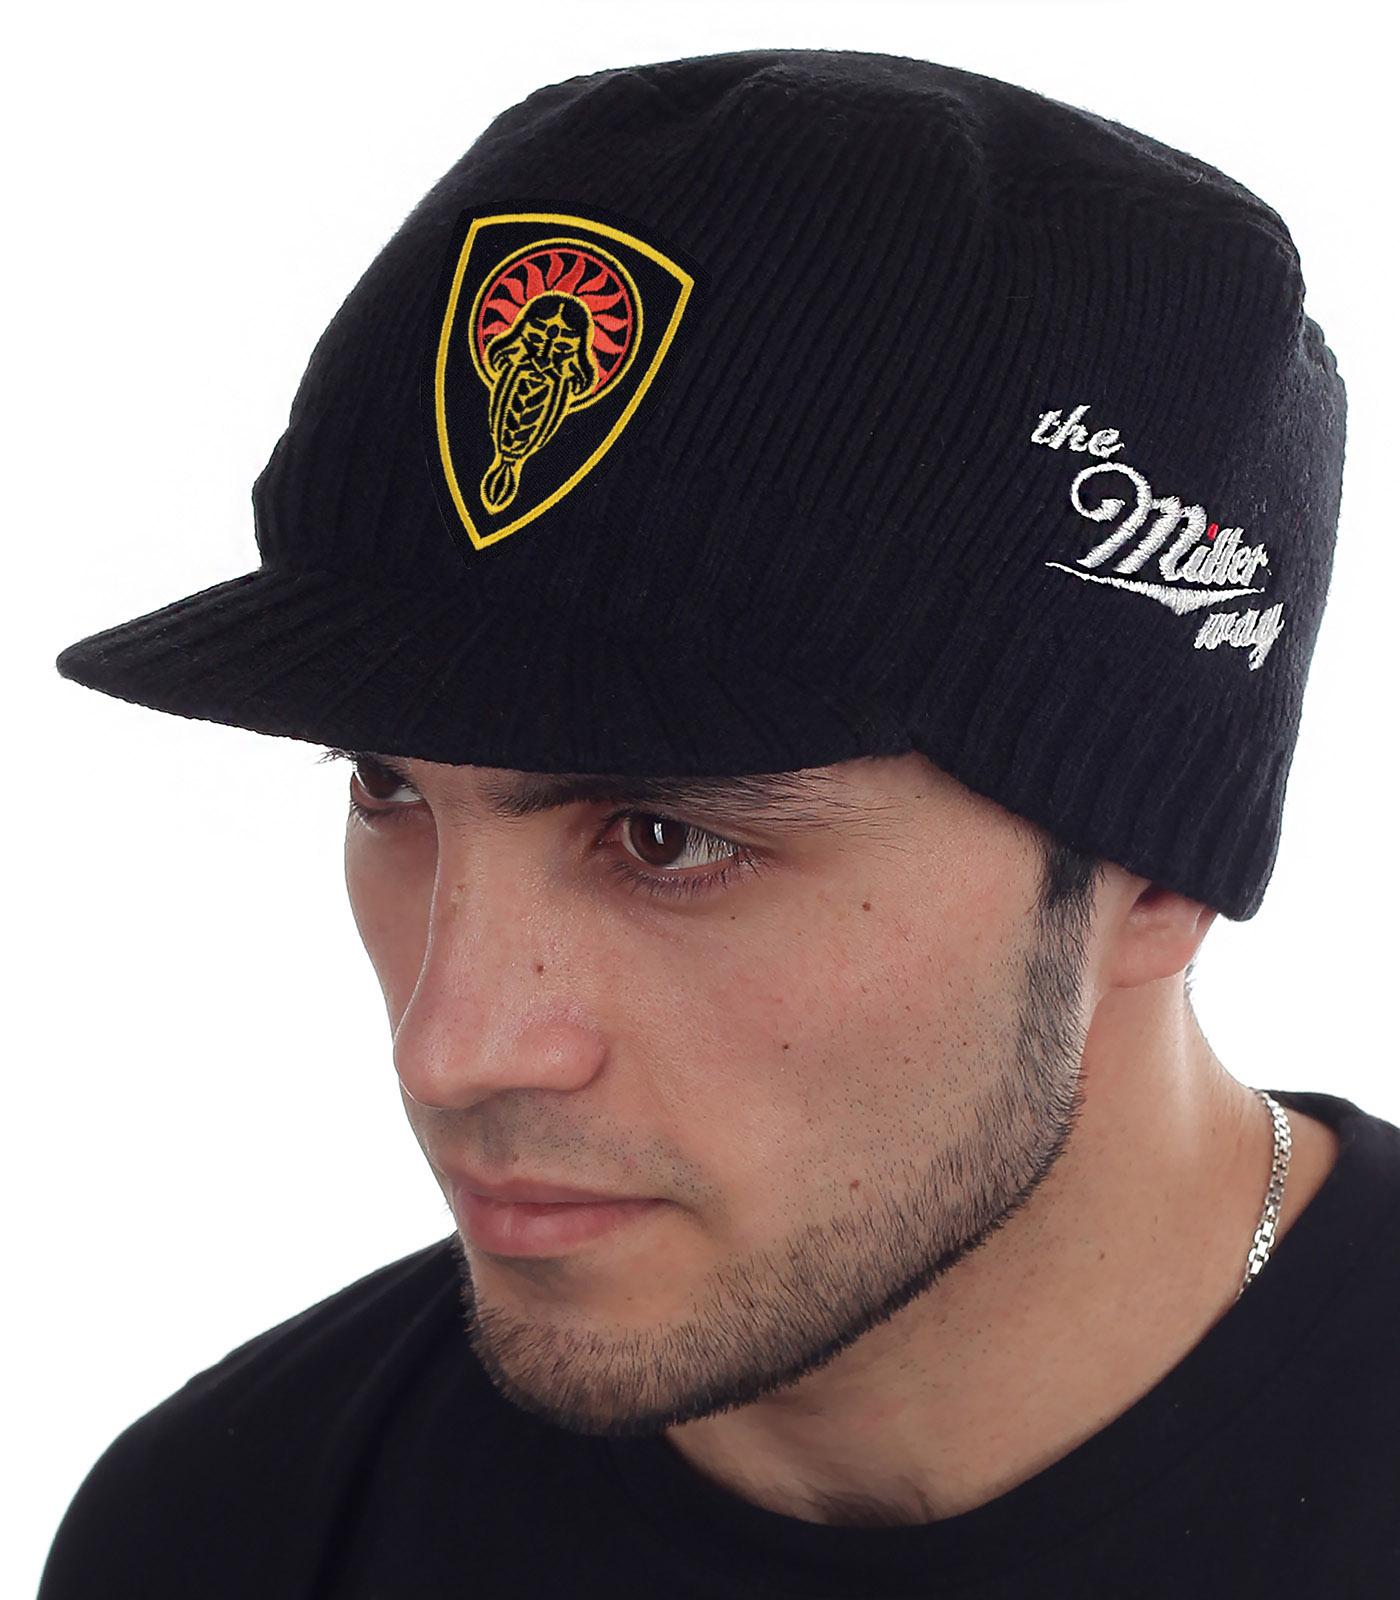 Черная кепка-шапка Miller Way с нашивкой Даждьбог - купить выгодно